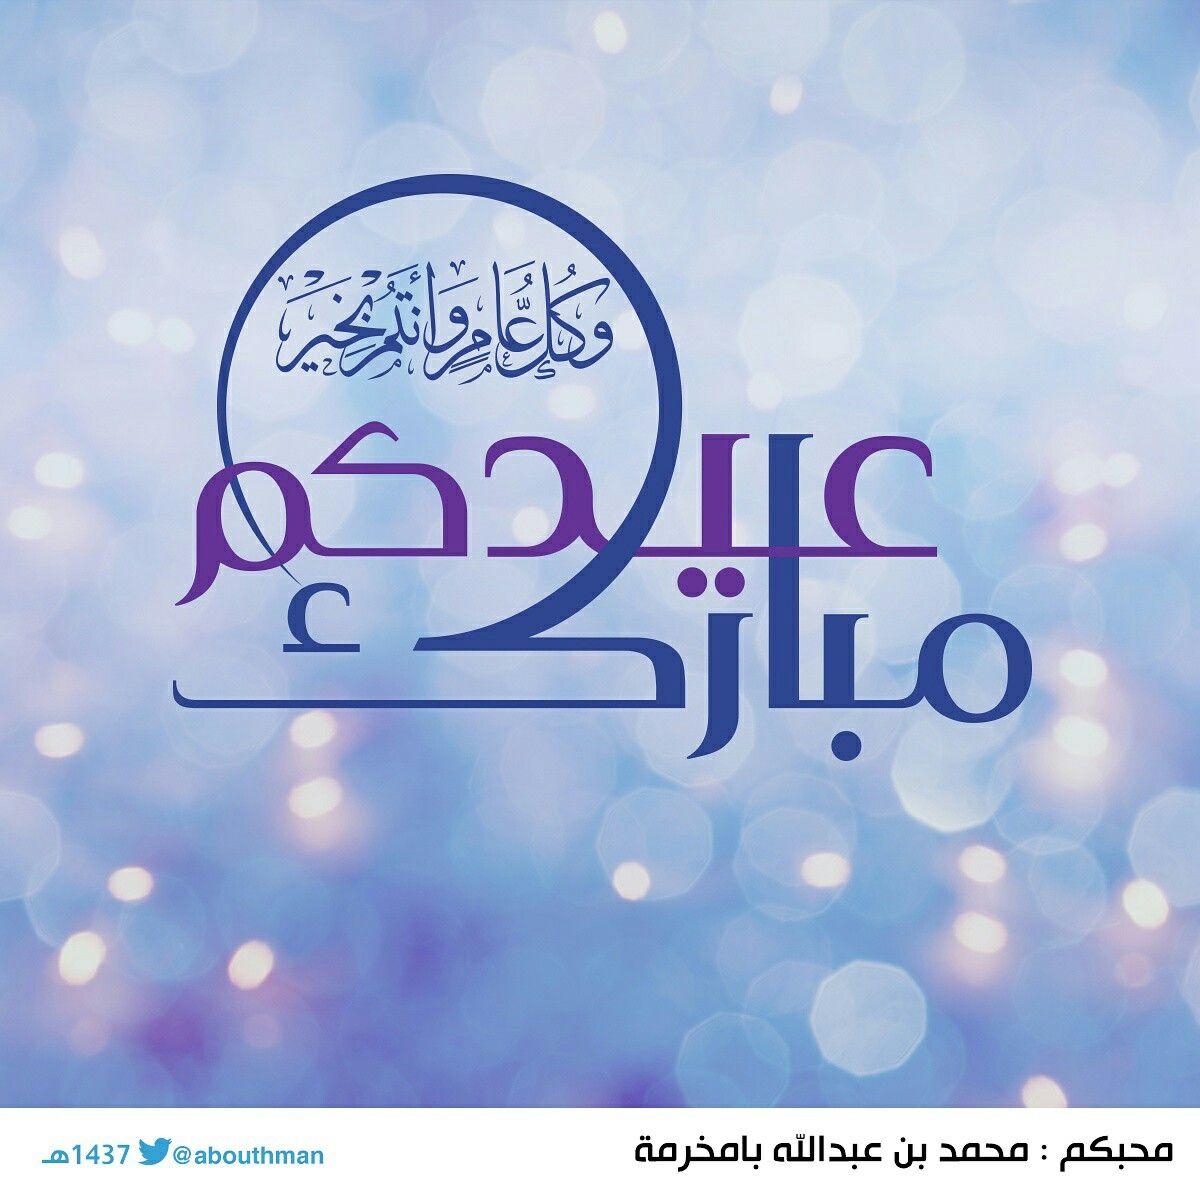 كل عام وأنتم بخير وتقبل الله منا ومنكم صالح الأعمال عيد الفطر المبارك 1437 Eid Mubarak Neon Signs Eid